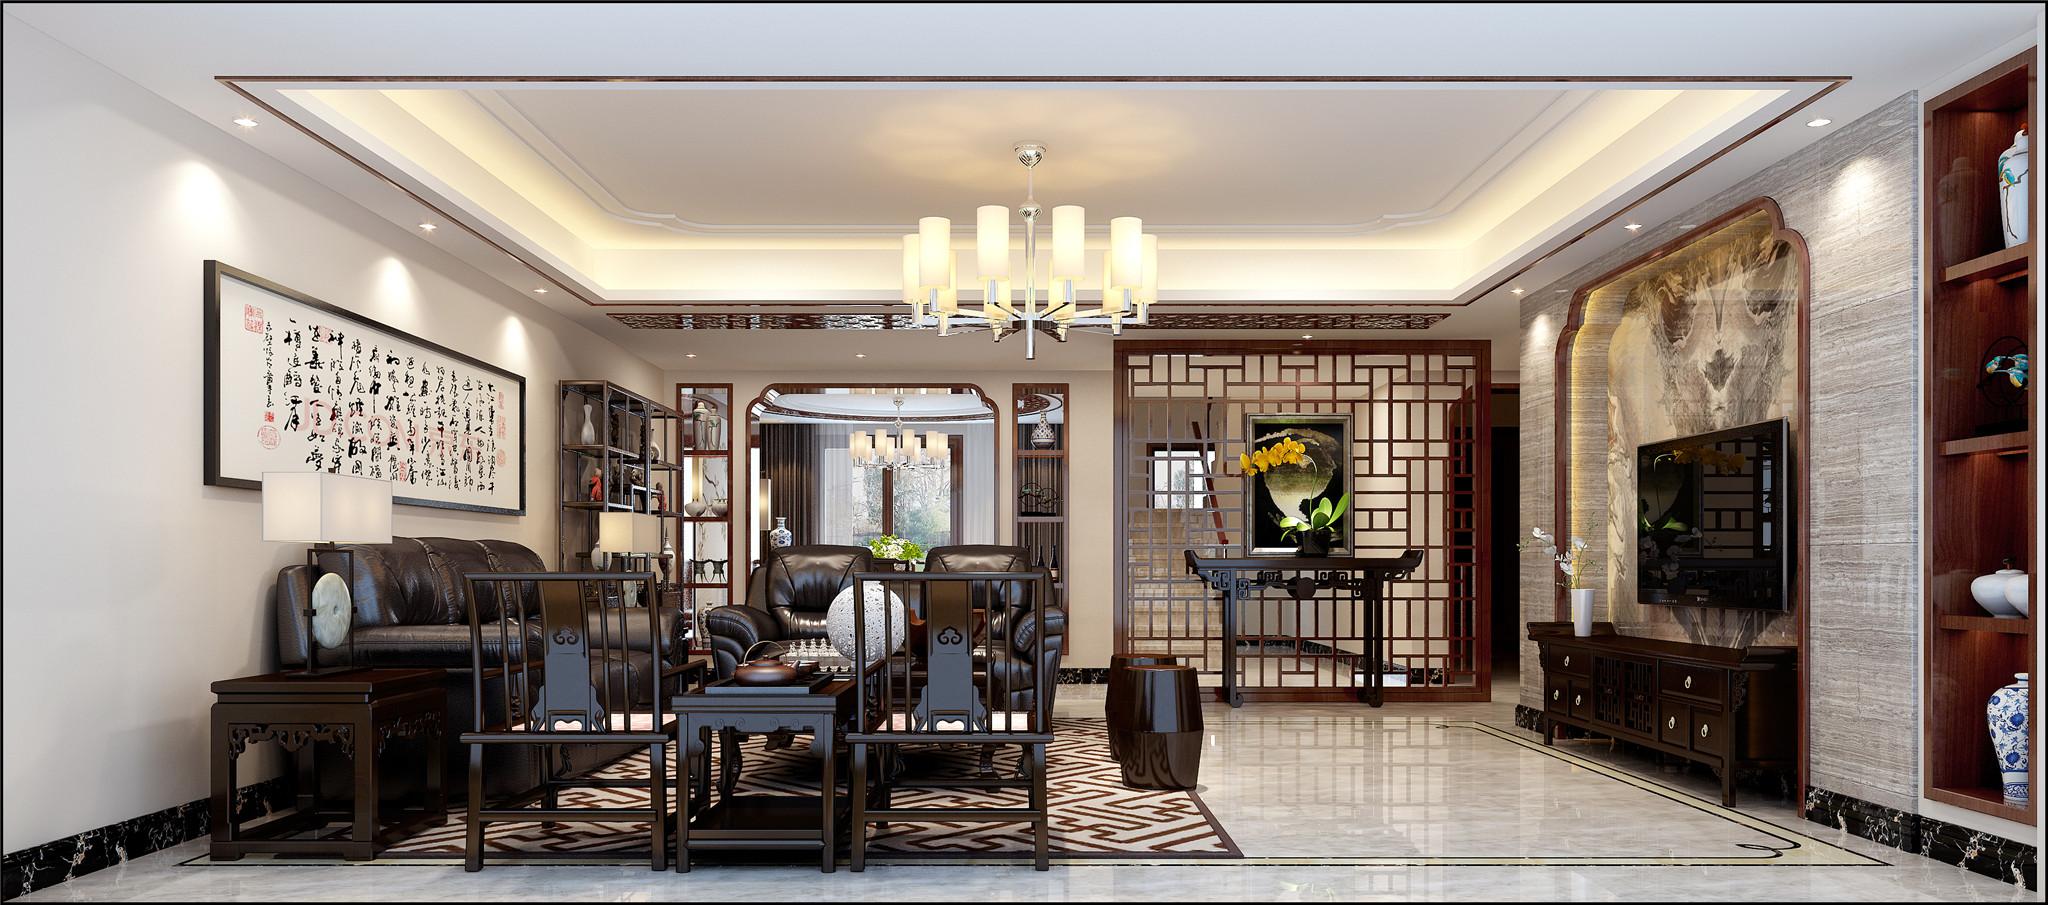 式风格在家居布局上讲究方正、对称的布局形式,讲究整体的布局和风水格调高雅,造型朴素优美,色彩浓厚而成熟。中式风格的装饰主要体现在传统的家具,再辅以字画、盆景,陶瓷、古玩、屏风等装饰品,最求的是一种修身、齐家的生活境界。在整体的色彩选择上以庄重的红黑为主,体现中式文化深沉、厚重的底蕴。中式风格在整体的布局上虽然最求对称庄重,而在细节上有更倾向于自然情趣、花鸟鱼虫等精细雕刻,取其美好的寓意来表现人们对美好生活的追求。